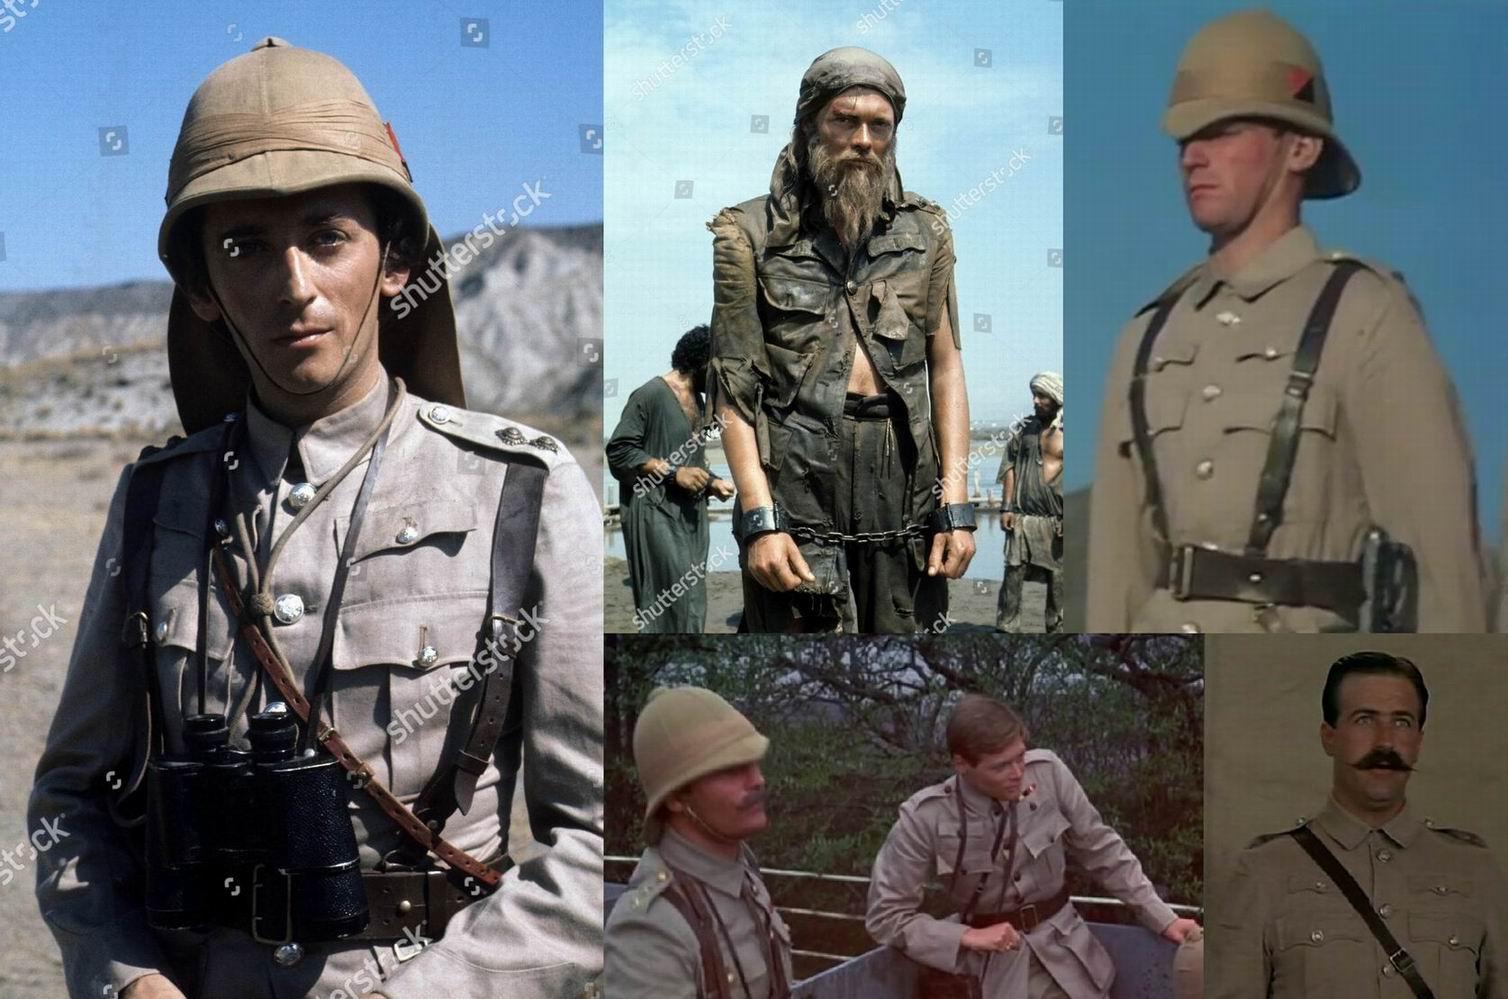 """Внизу по центру и слева - кадры из фильмов """"Молодой Уинстон"""" (1972) и «Объездчик Морант» (1980) про Бурскую войну. Саймон Уорд играл и молодого Черчилля в 1972г., и Тренча в 1978г. - оба раза с шестью карманами."""